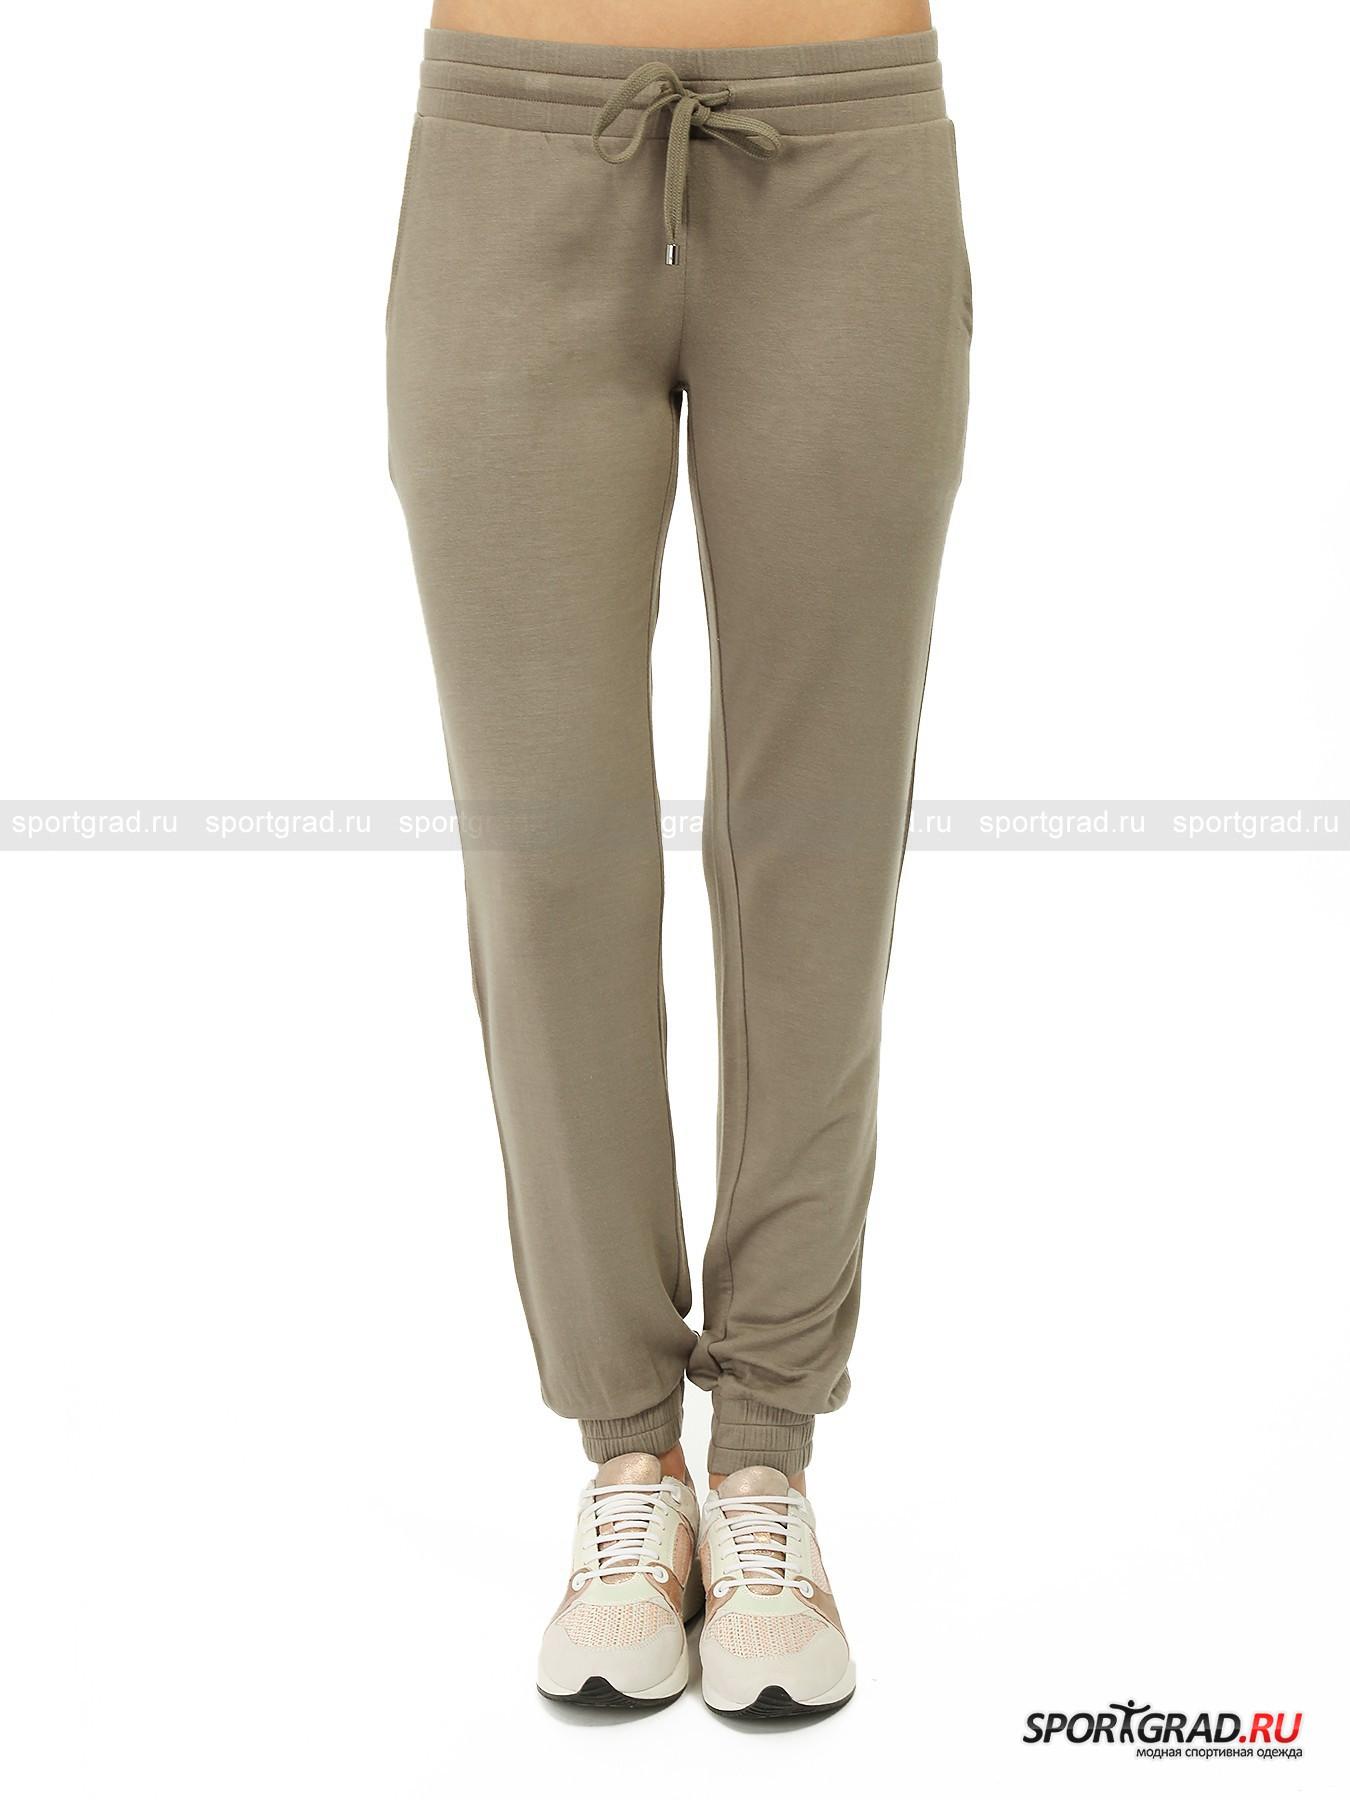 Брюки женские JUVIAБрюки<br>Замечательные брюки от Juvia  модного цвета хаки изготовлены из невероятно нежного, мягкого, струящегося материала. Они идеально подойдут для спорта низкой интенсивности, такого как йога и пилатес. Штаны прекрасно пропускают воздух и приятно прикасаются к телу, они хорошо впитывают влагу, испаряя ее с поверхности и оставляя кожу сухой. Брюки превосходно сидят и обеспечивают полный комфорт.<br><br>Особенности модели:<br>- эластичный пояс  с кулиской и регулирующей лентой;<br>- манжеты на резинках внизу штанин;<br>- два кармана по бокам и один сзади;<br>- слегка зауженный крой.<br><br>Пол: Женский<br>Возраст: Взрослый<br>Тип: Брюки<br>Рекомендации по уходу: стирка в теплой воде до 30 С; не отбеливать; гладить слегка нагретым утюгом (температура до 110 C); химическая чистка запрещена; нельзя выжимать и сушить в стиральной машине<br>Состав: 45% вискоза, 45% модал, 10% эластан